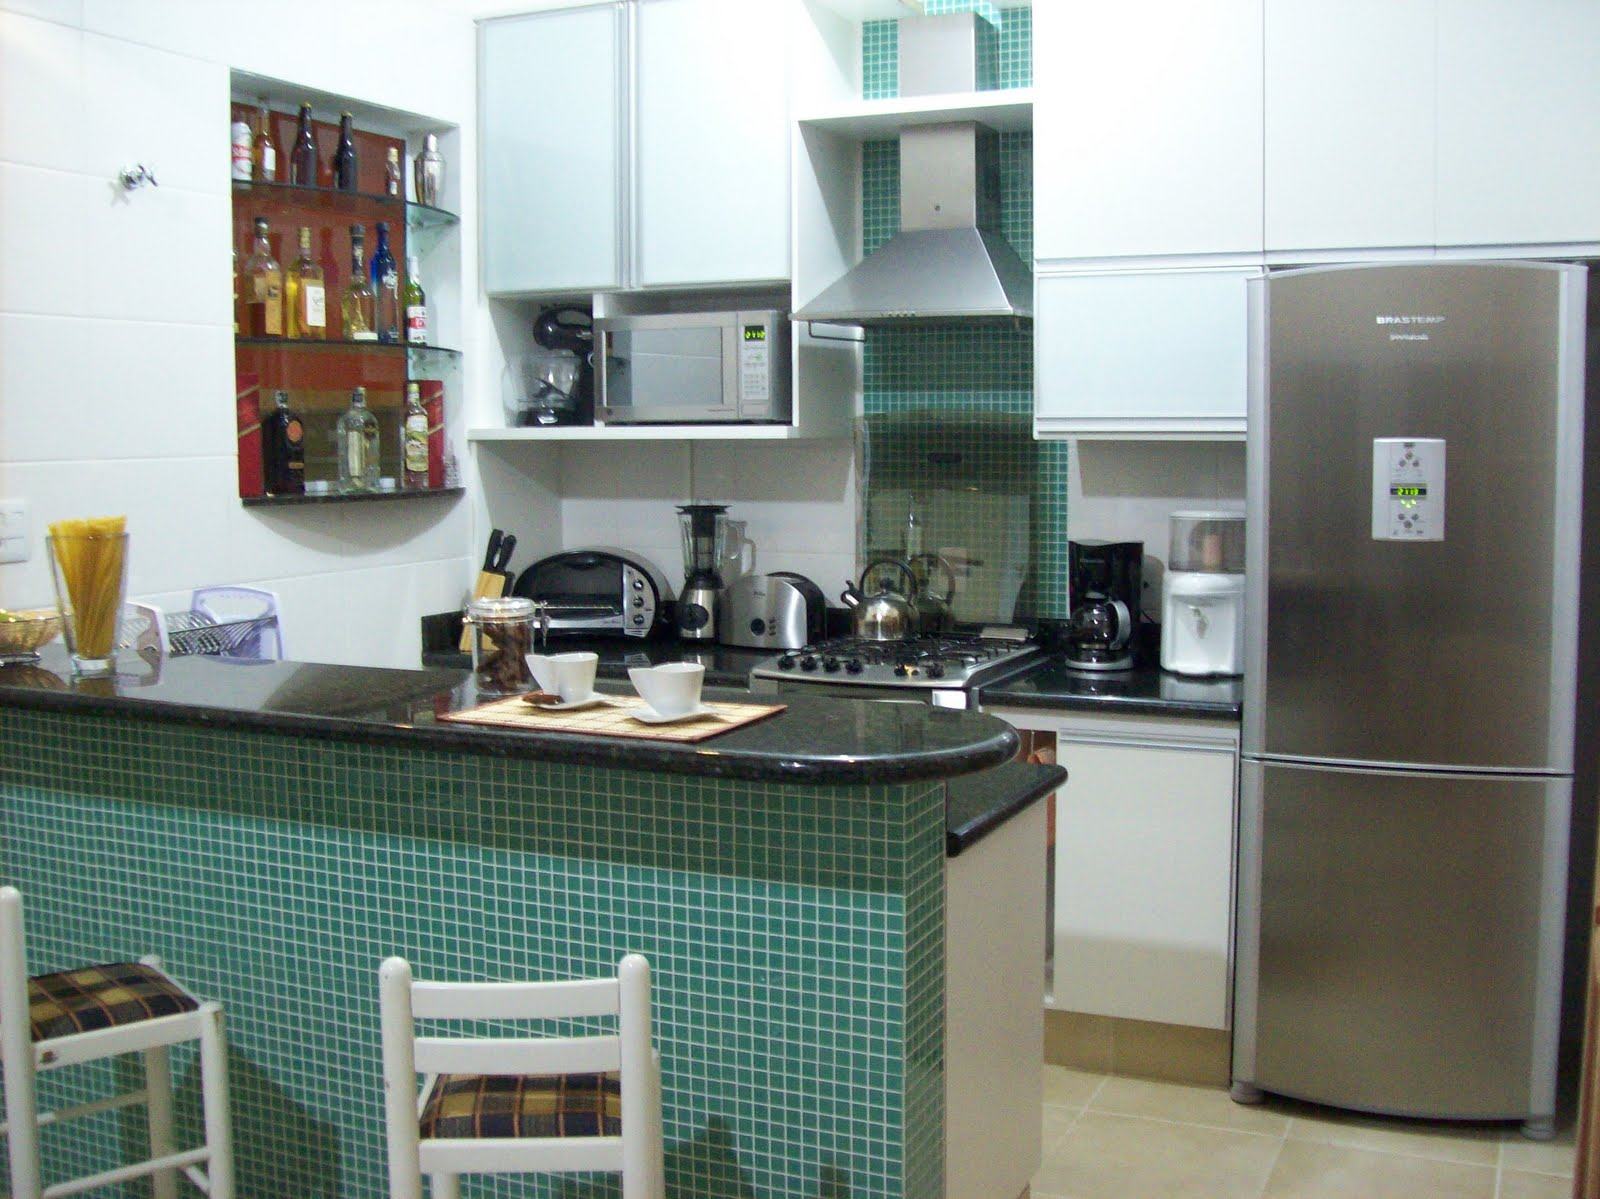 #644738 decorac3a7c3a3o de apartamento pequeno 1600x1199 px Ferramenta De Design De Cozinha On Line_794 Imagens